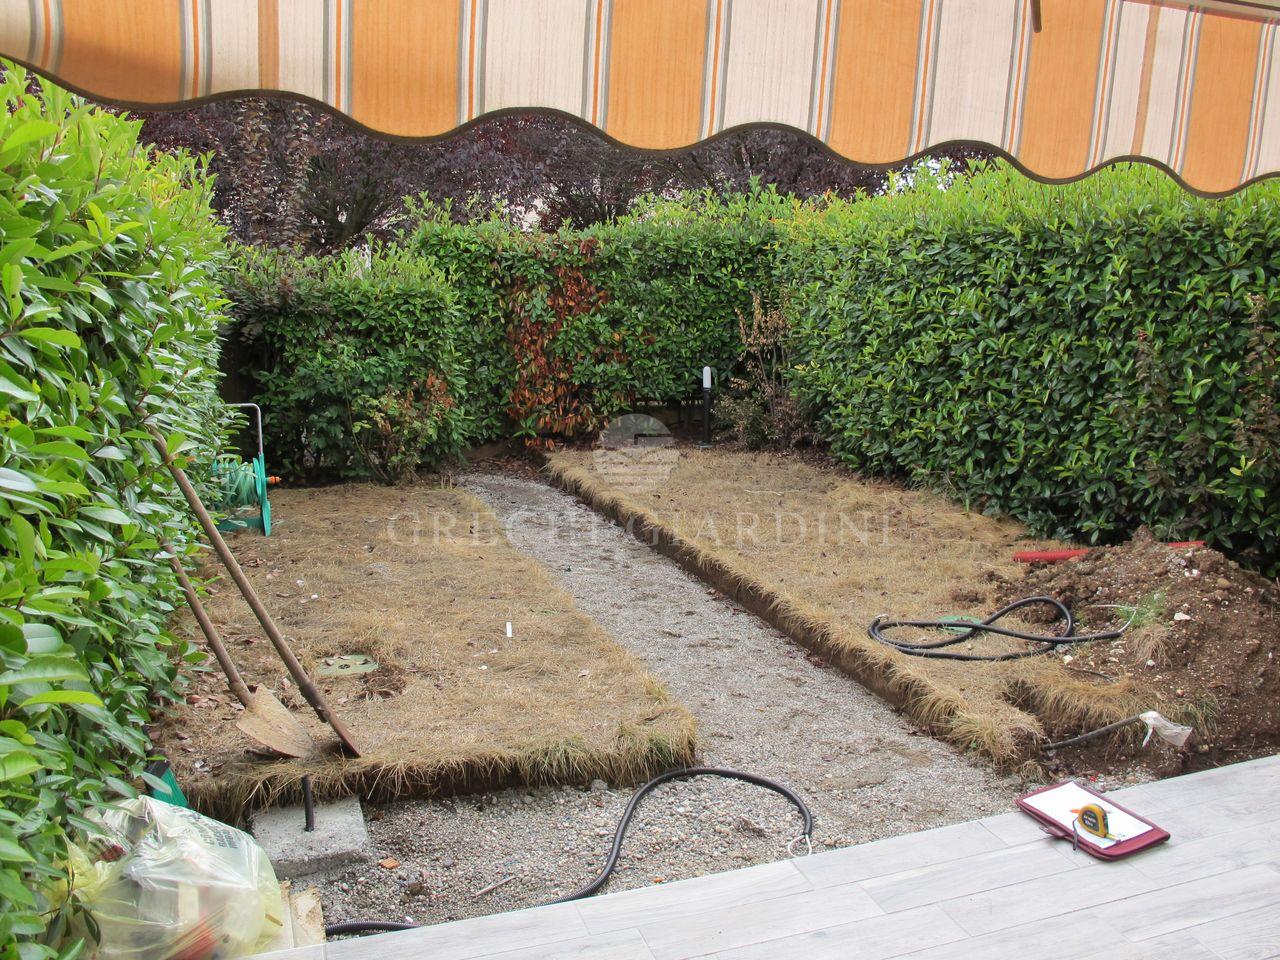 Il nuovo giardino della villetta a schiera buffalora i - Giardini di villette ...